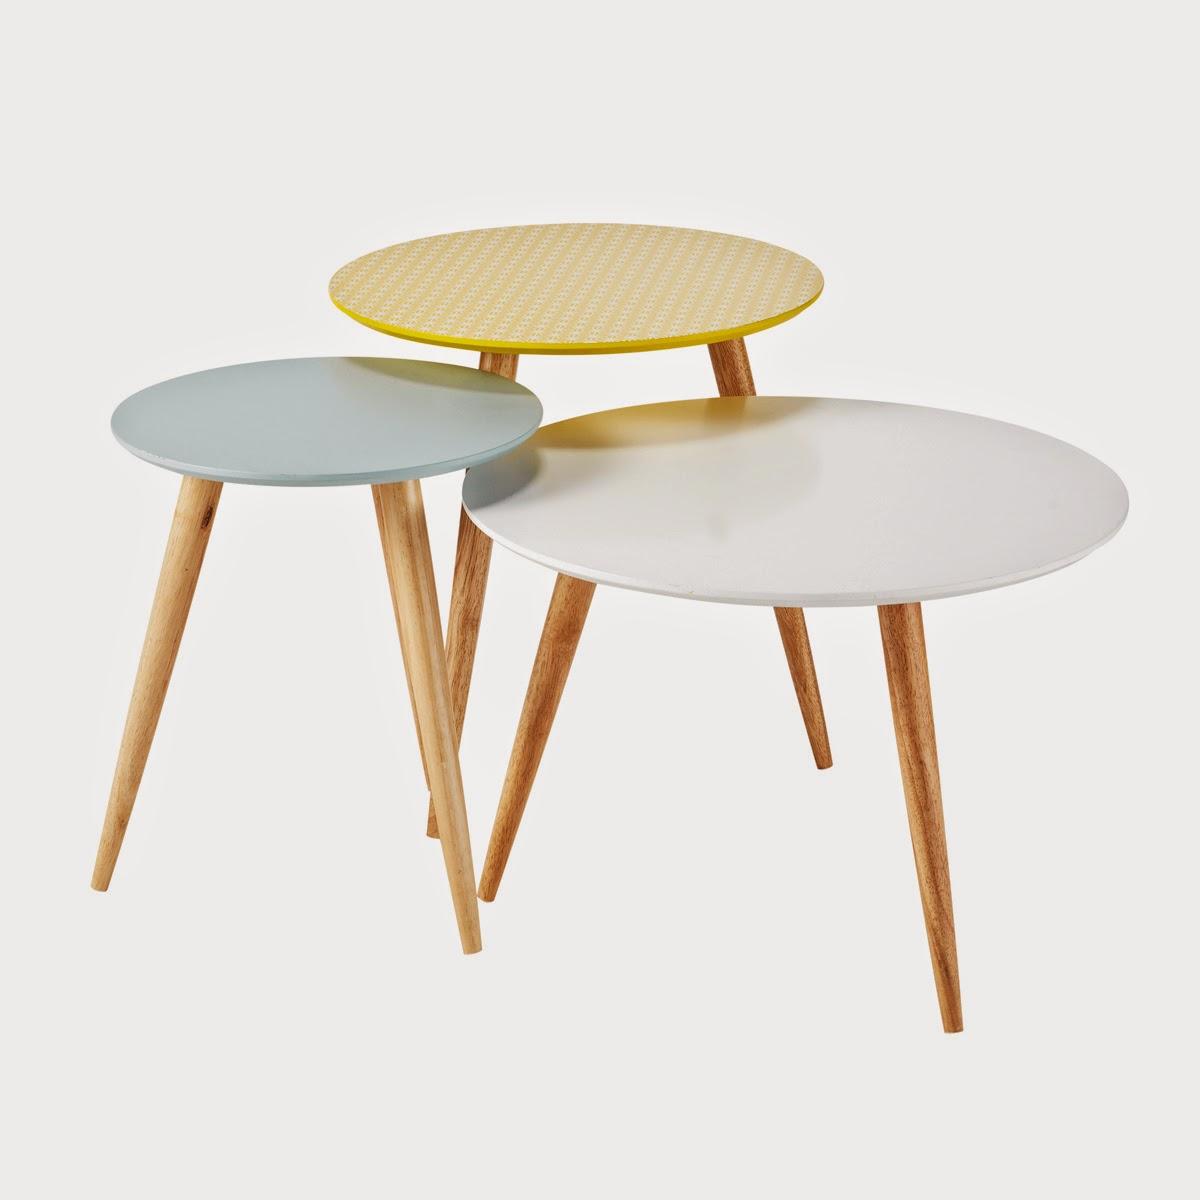 Best Table Gigogne Habitat Photos - Joshkrajcik.us - joshkrajcik.us